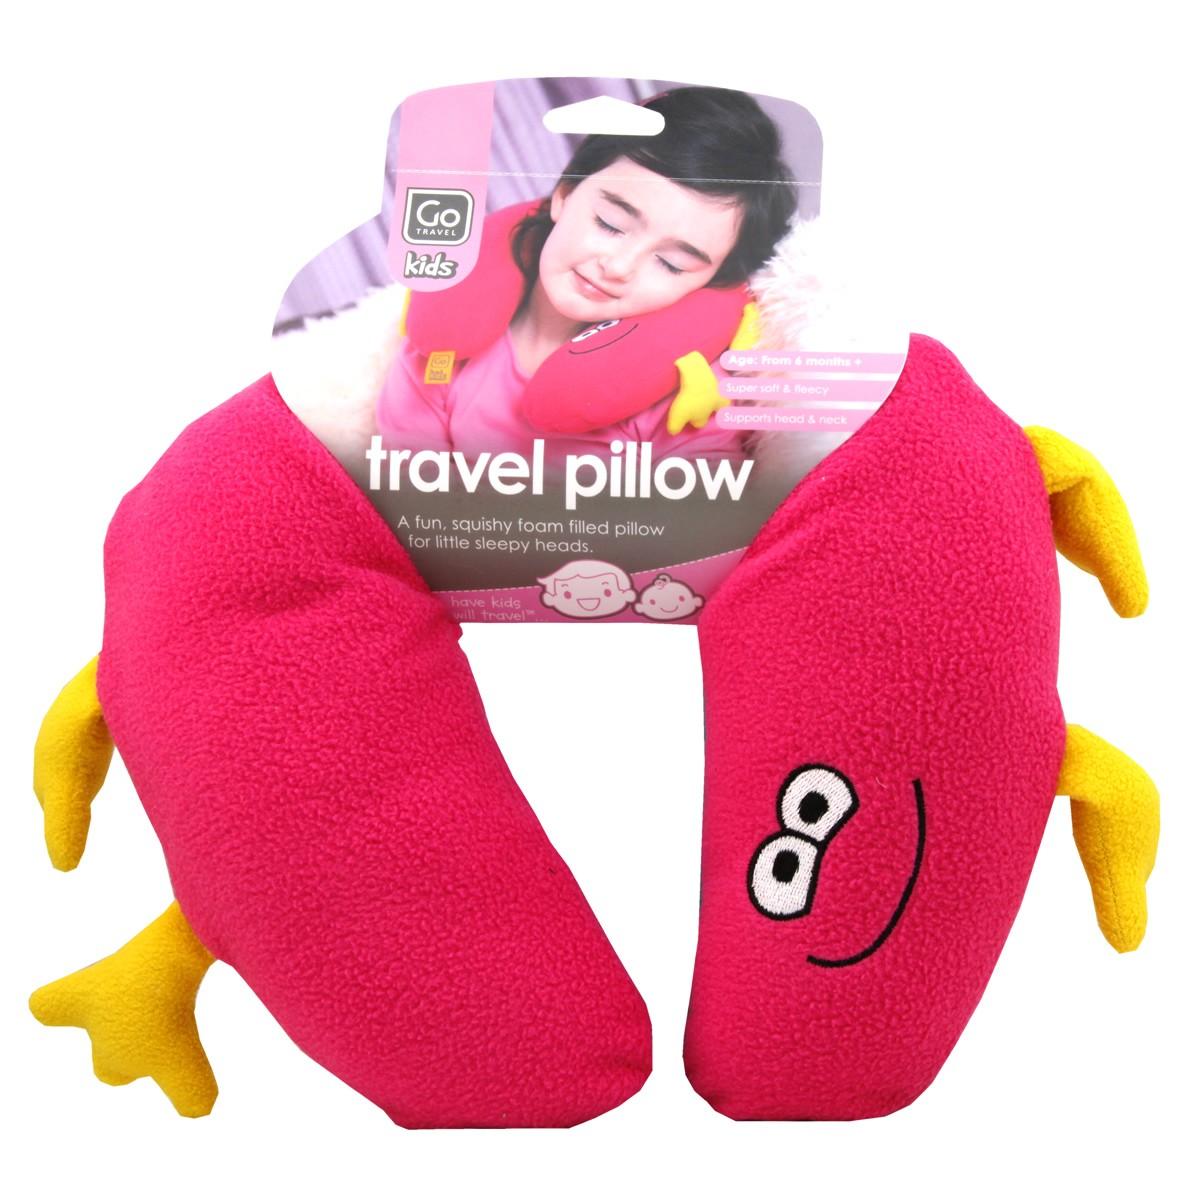 Go Travel Kids Travel Pillow